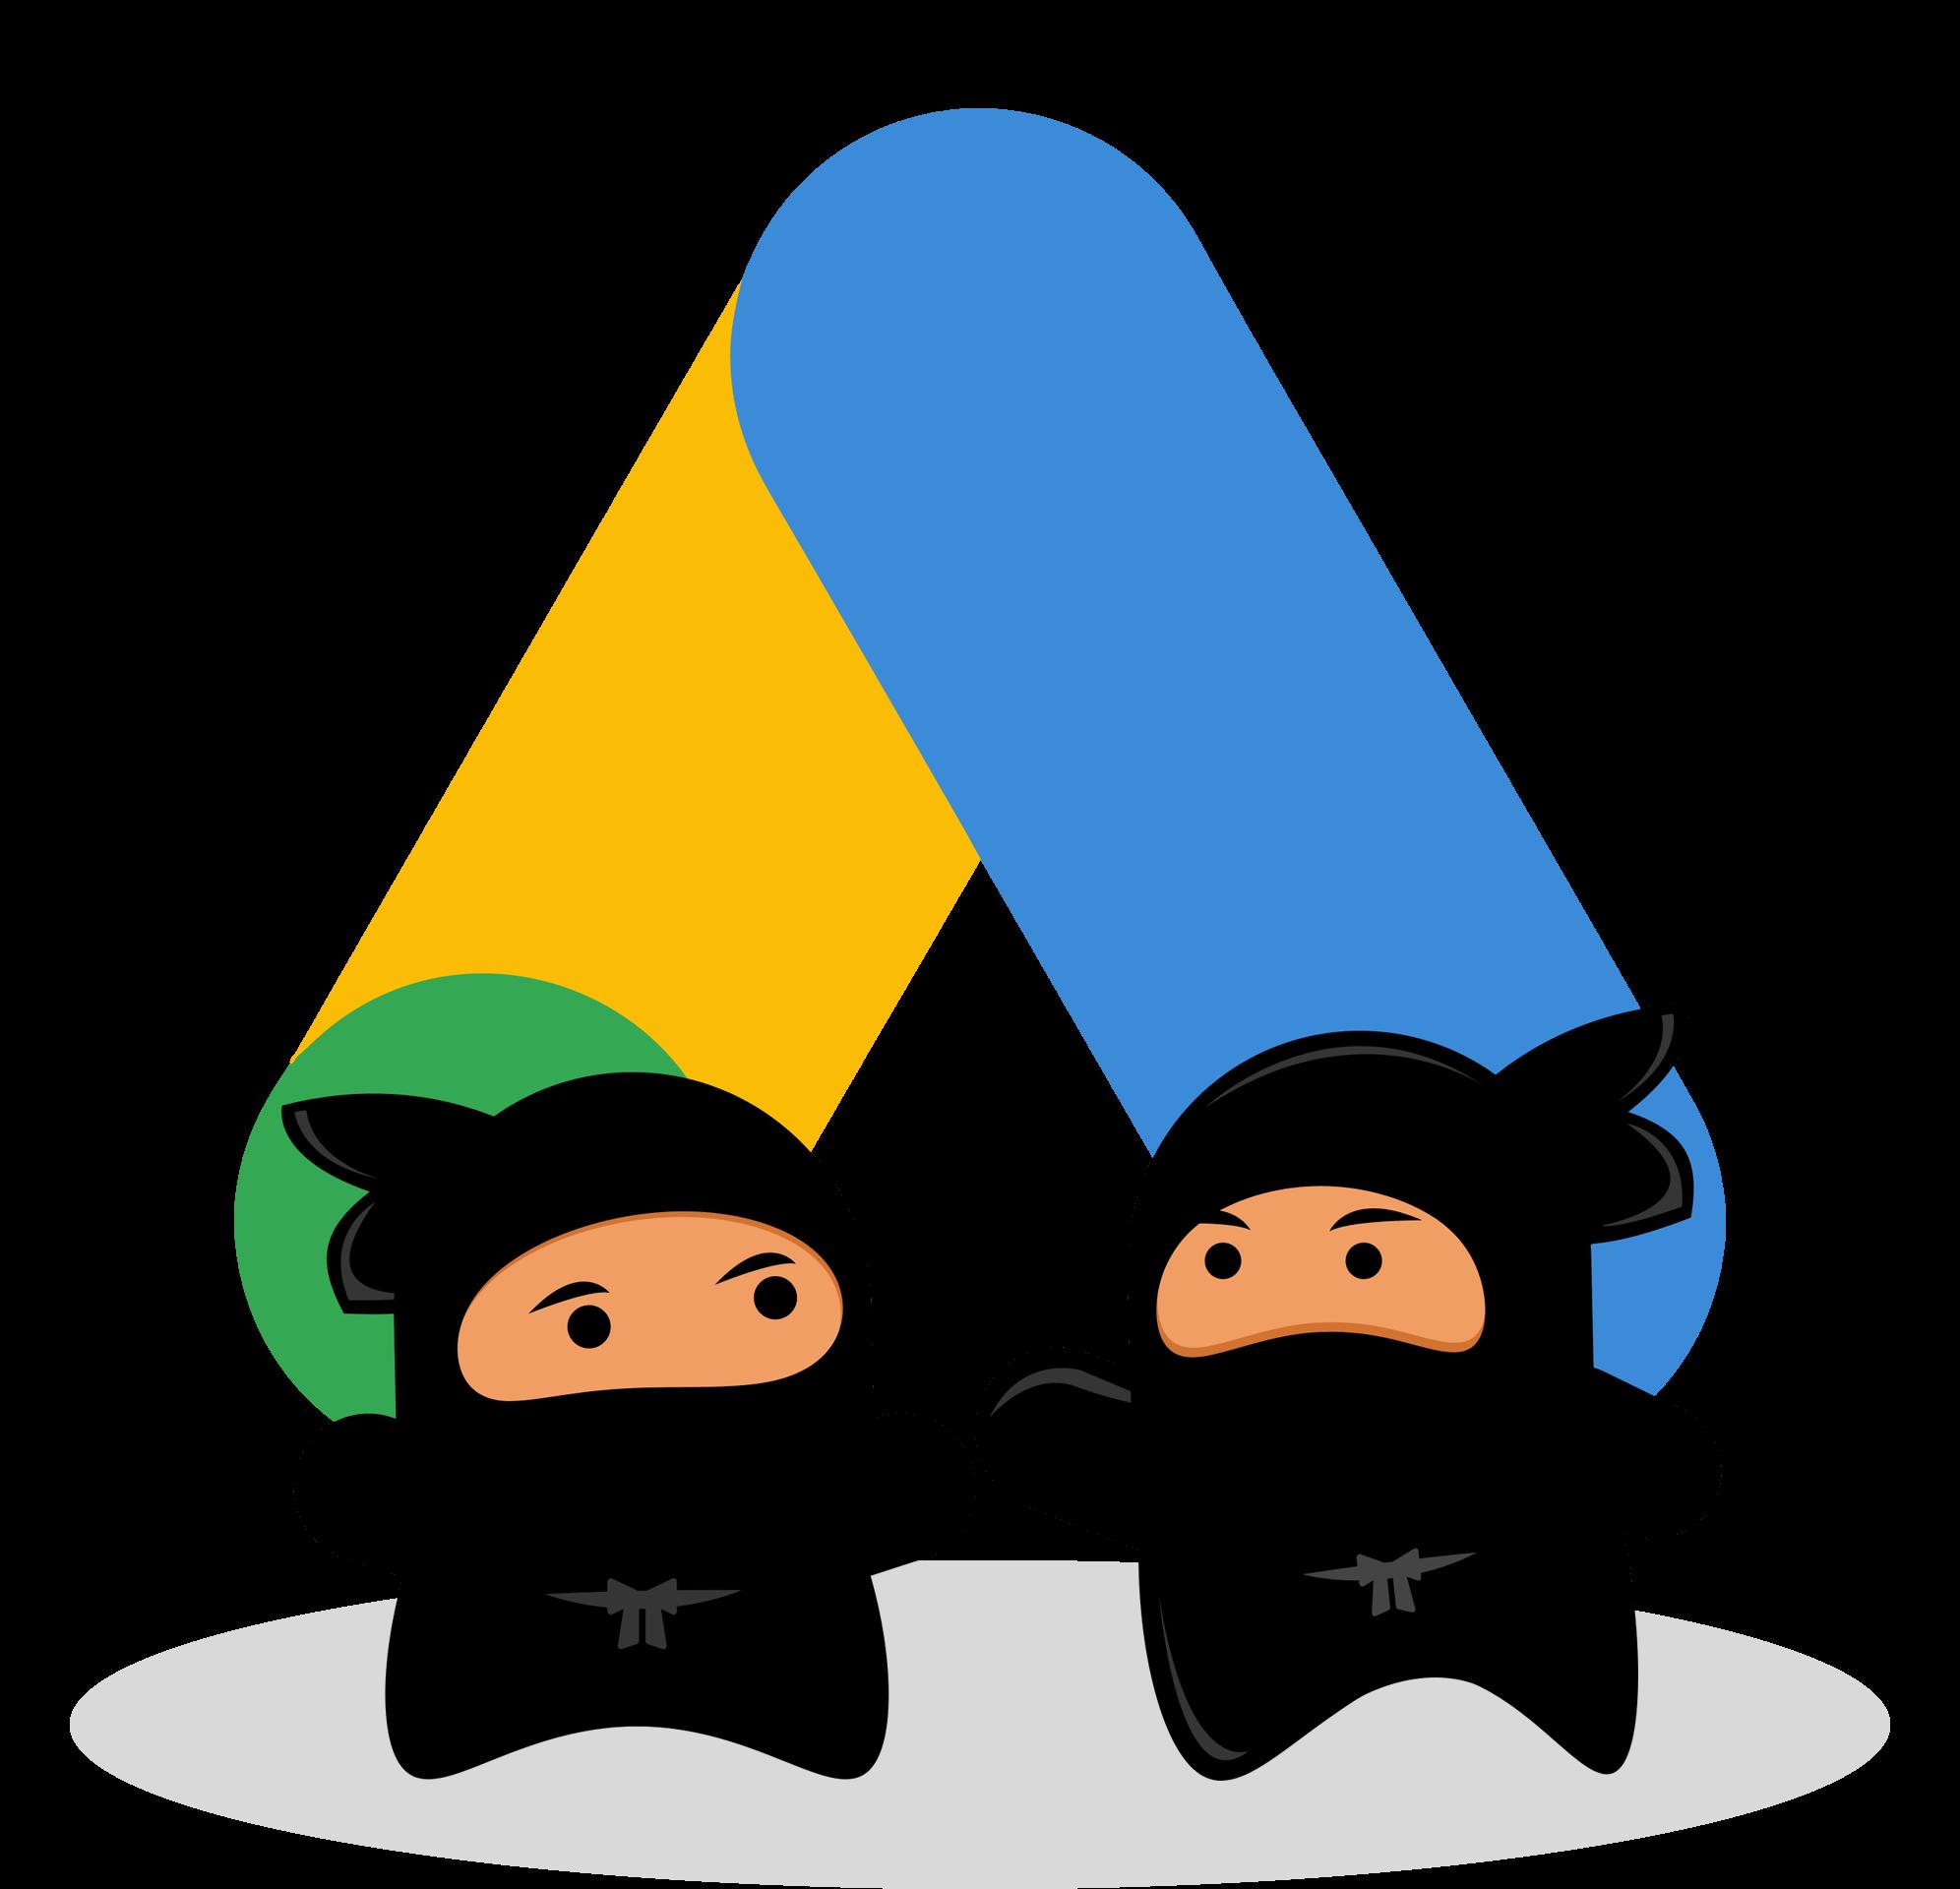 Shinobi's with Google logo